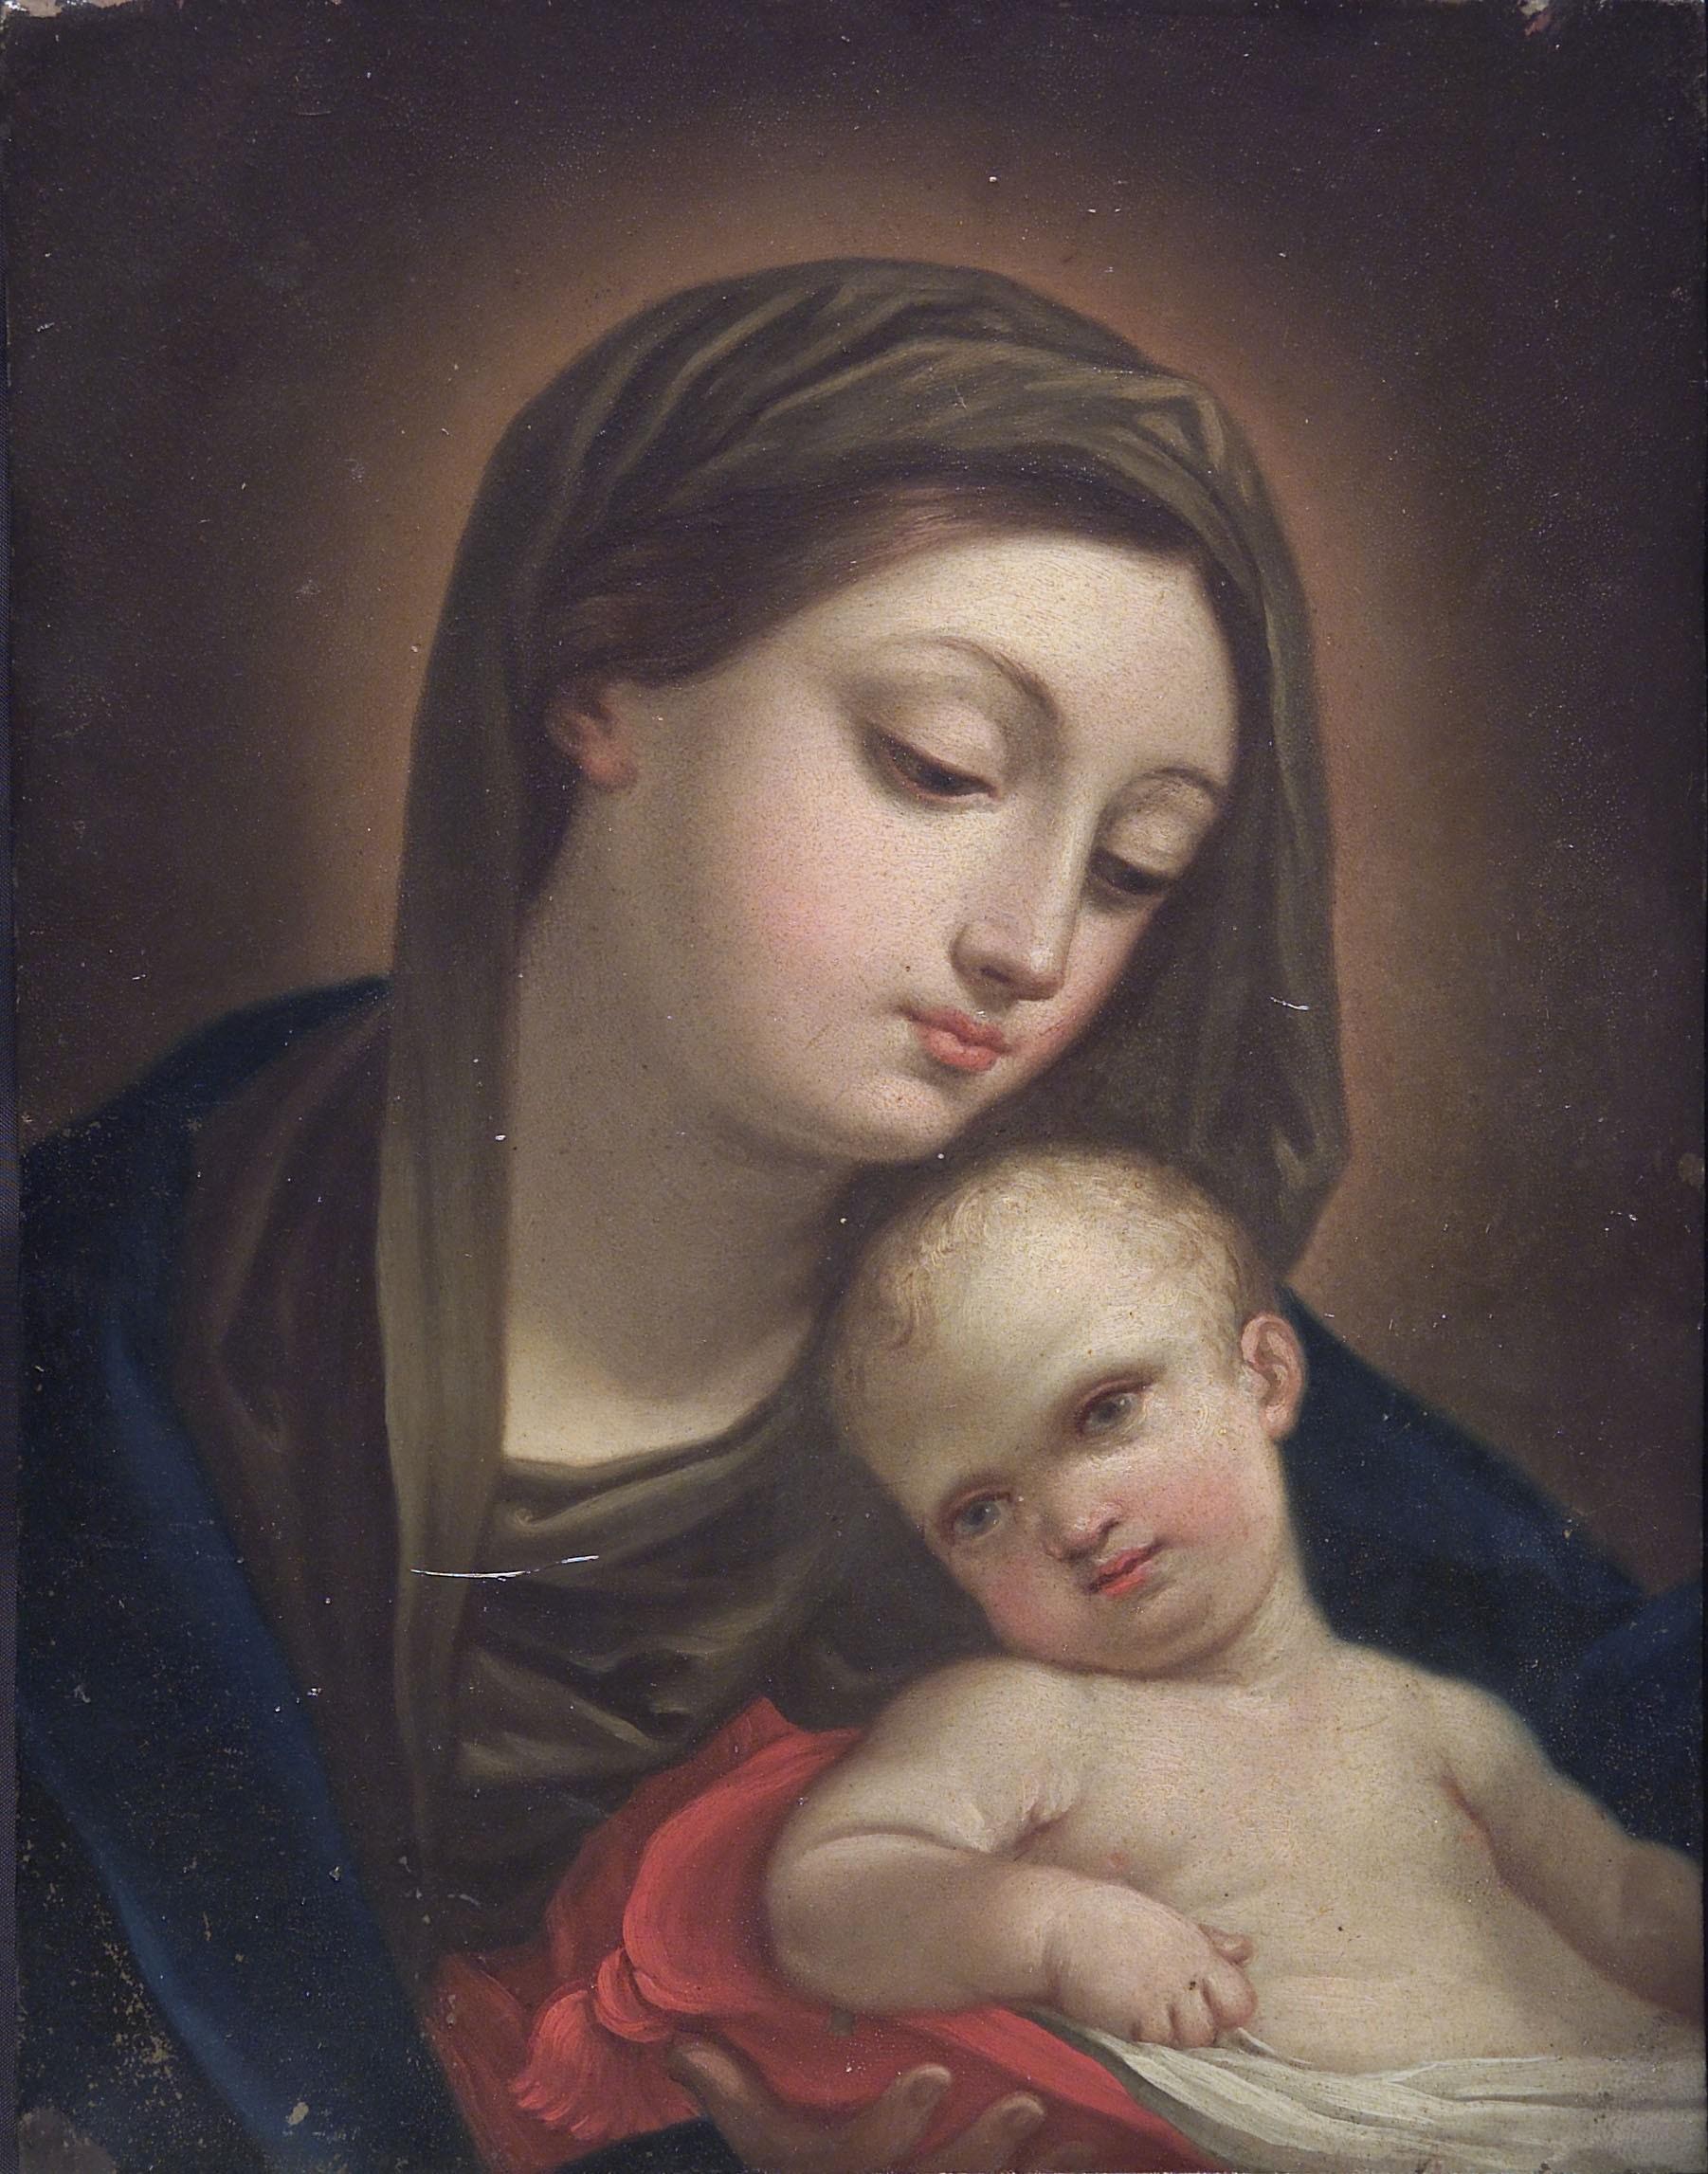 Catherina Cherubini: Virgen con el Niño, 1760. Roma, Accademia Nazionale di San Luca.